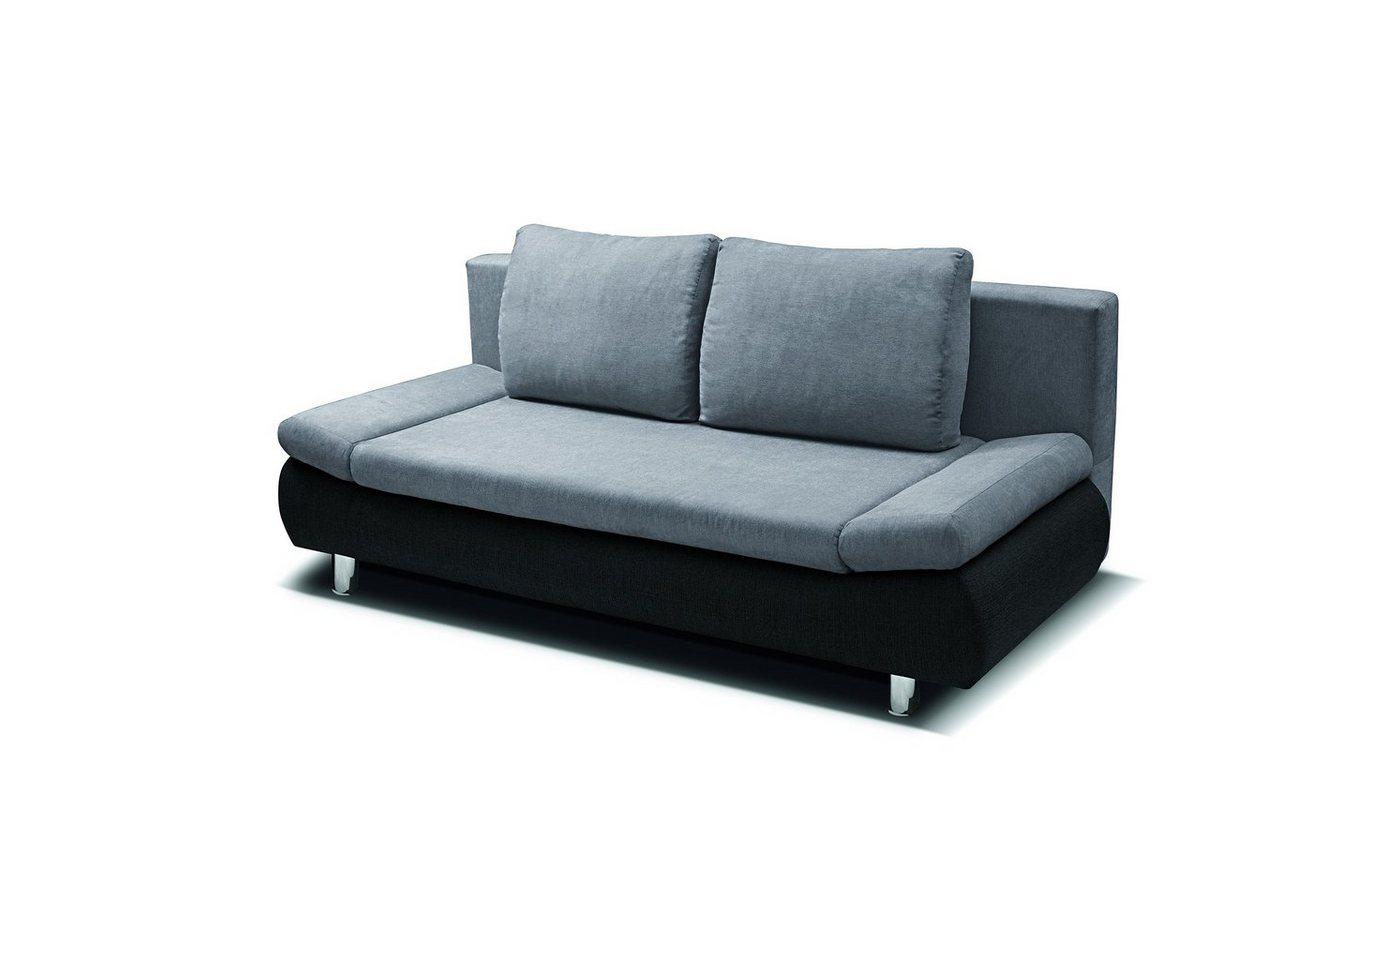 Hti Living Schlafsofas Online Kaufen Möbel Suchmaschine